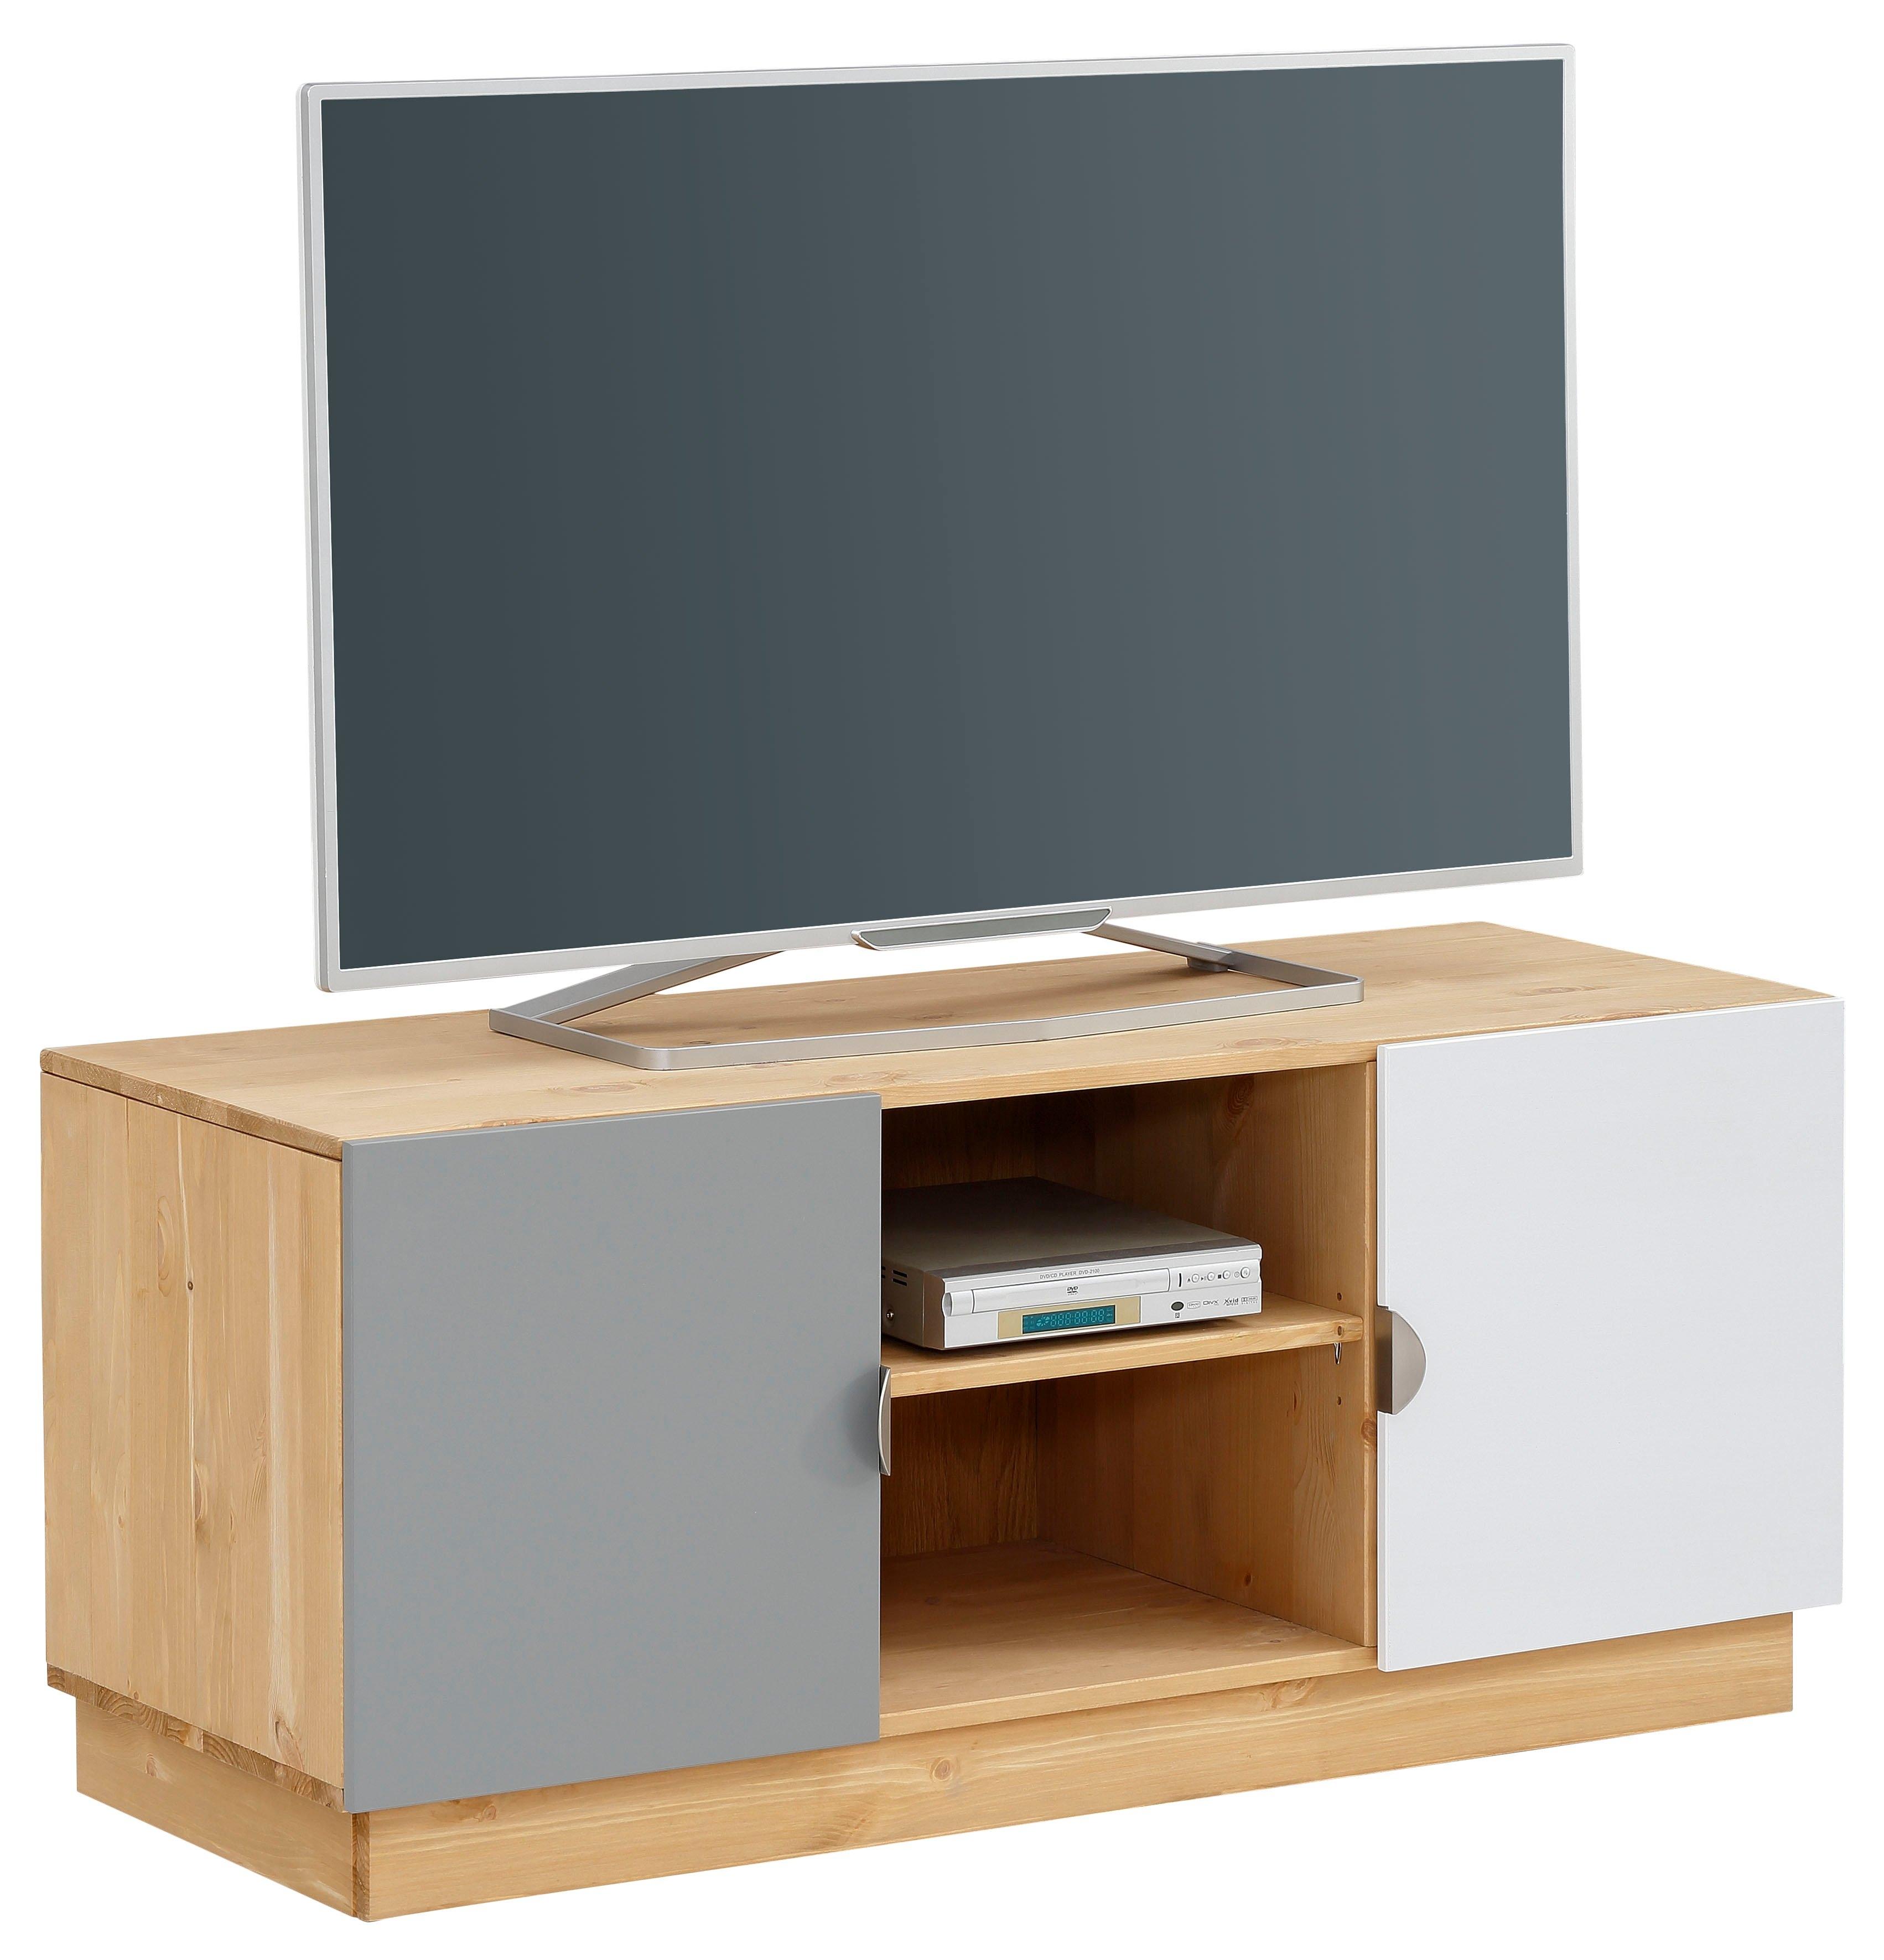 Op zoek naar een my home tv-meubel »Undine«? Koop online bij OTTO